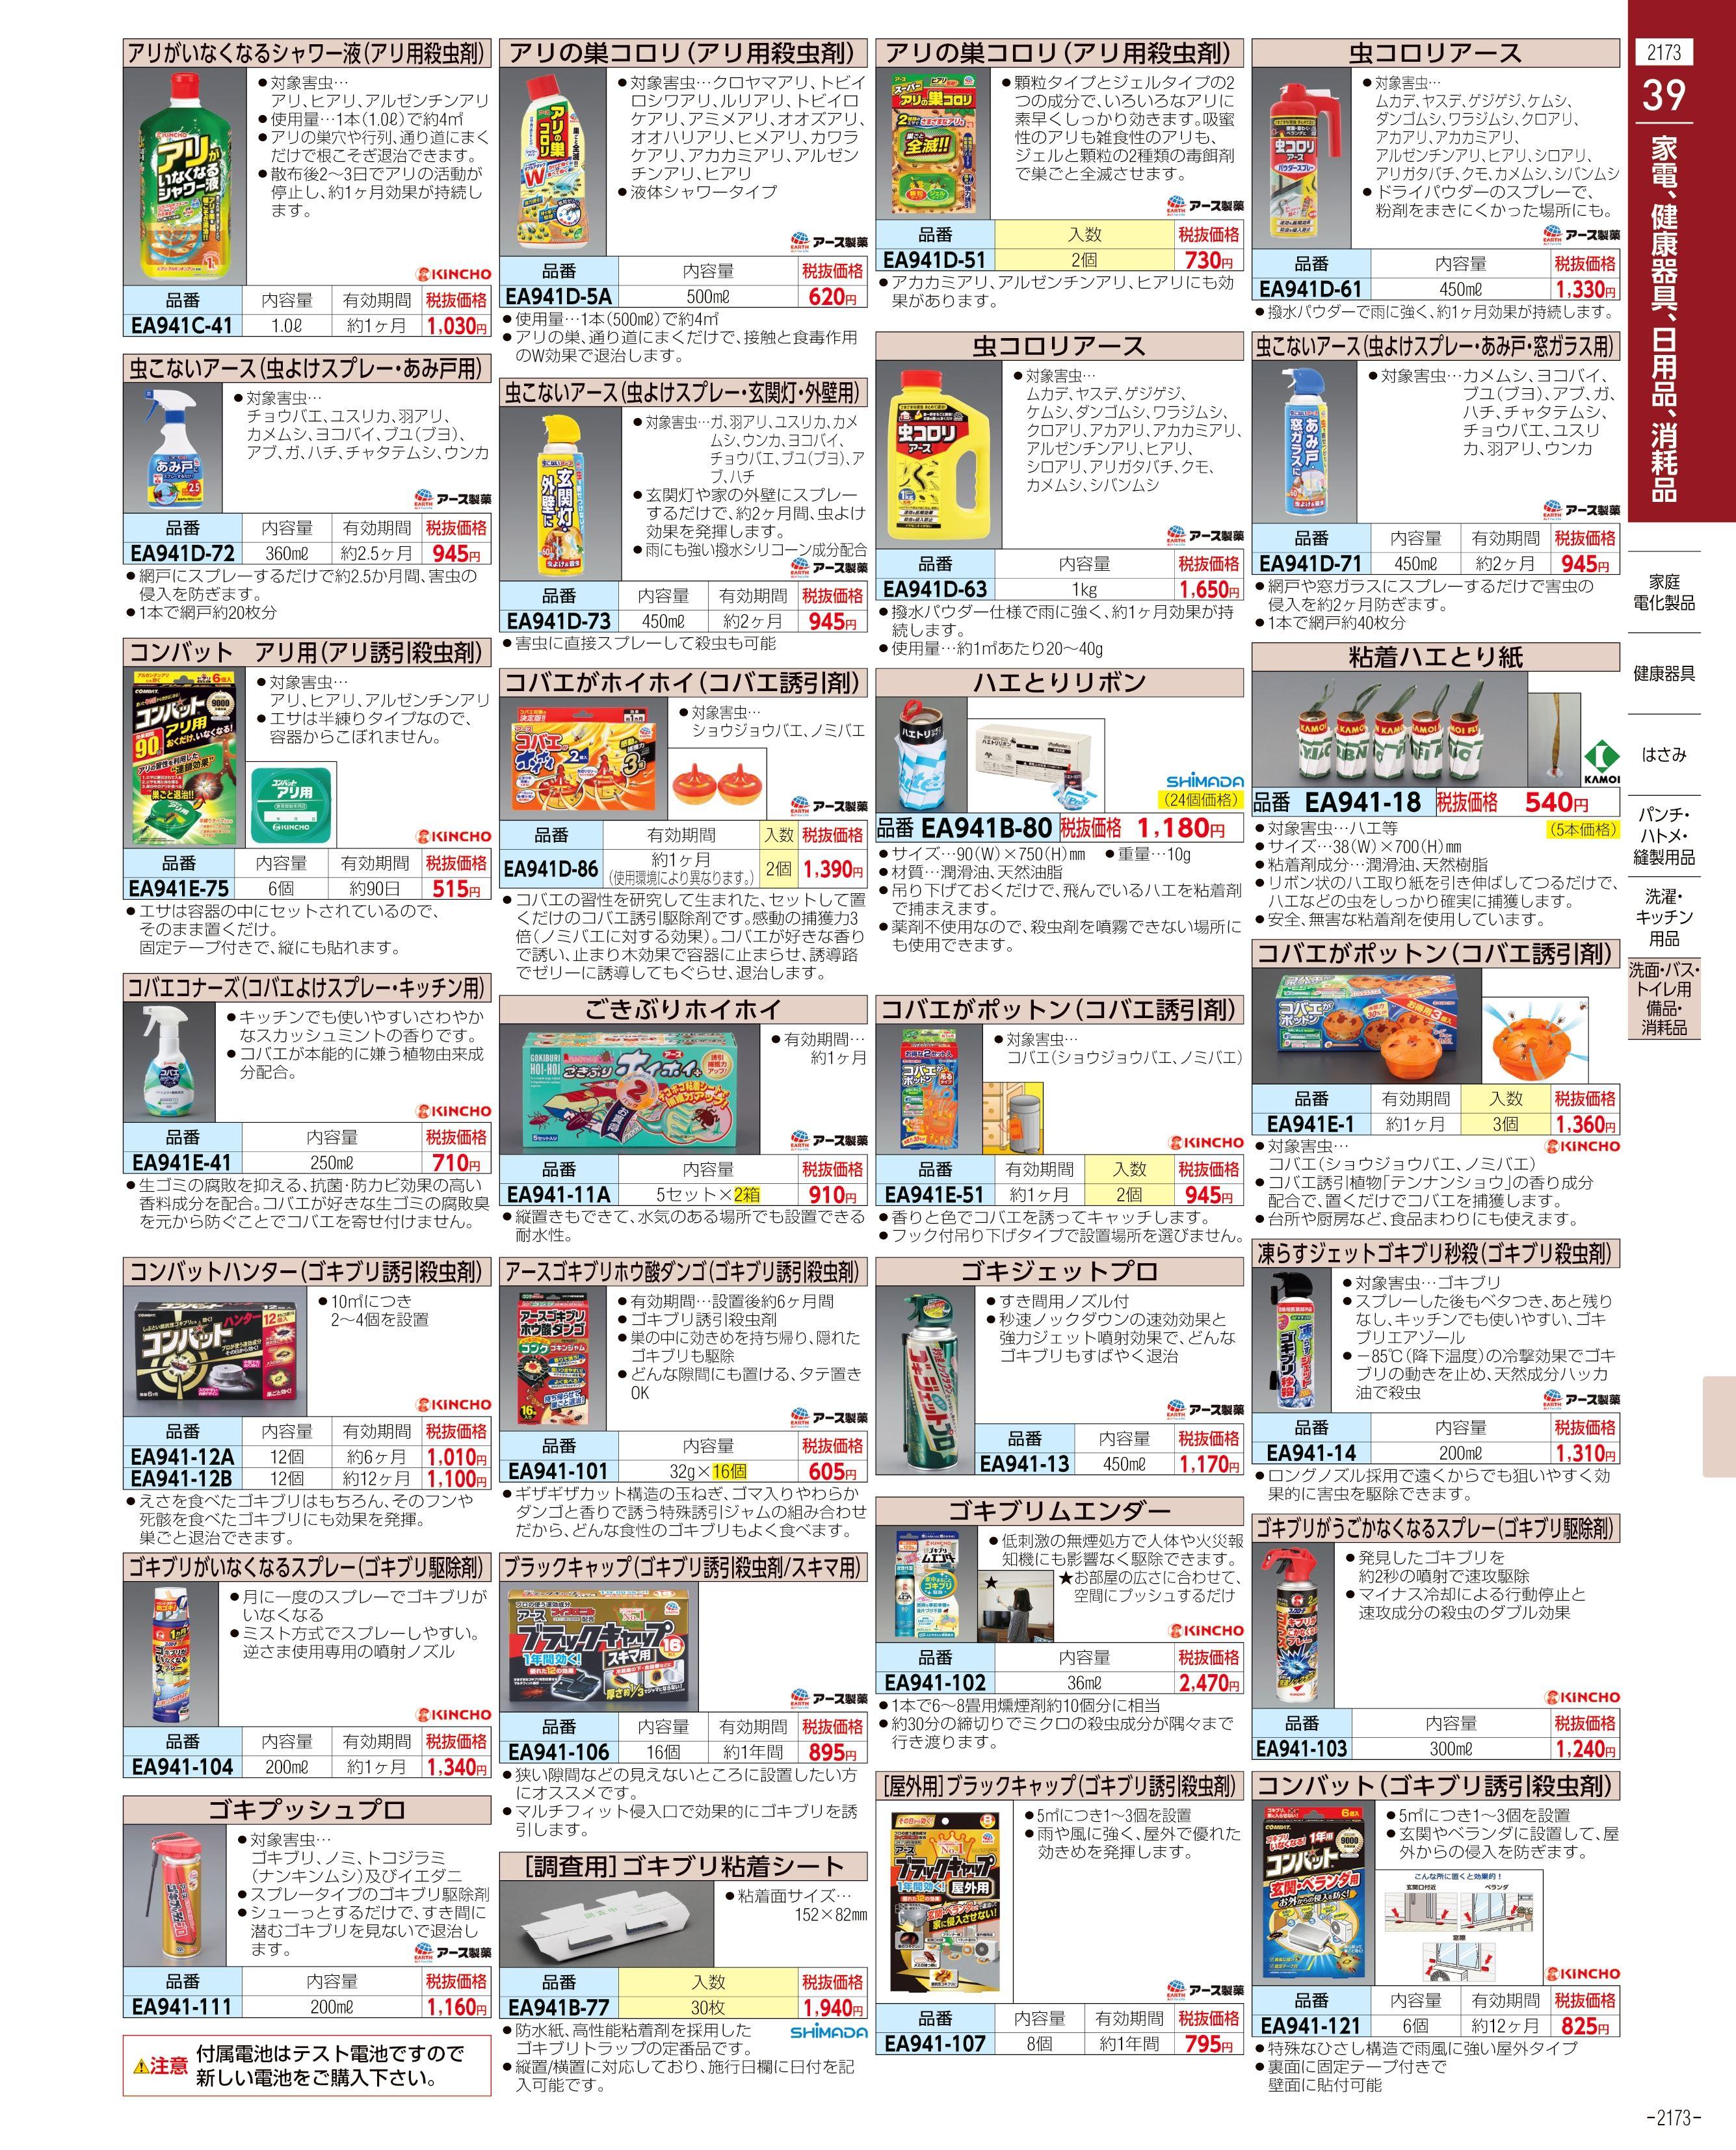 エスコ便利カタログ2173ページ